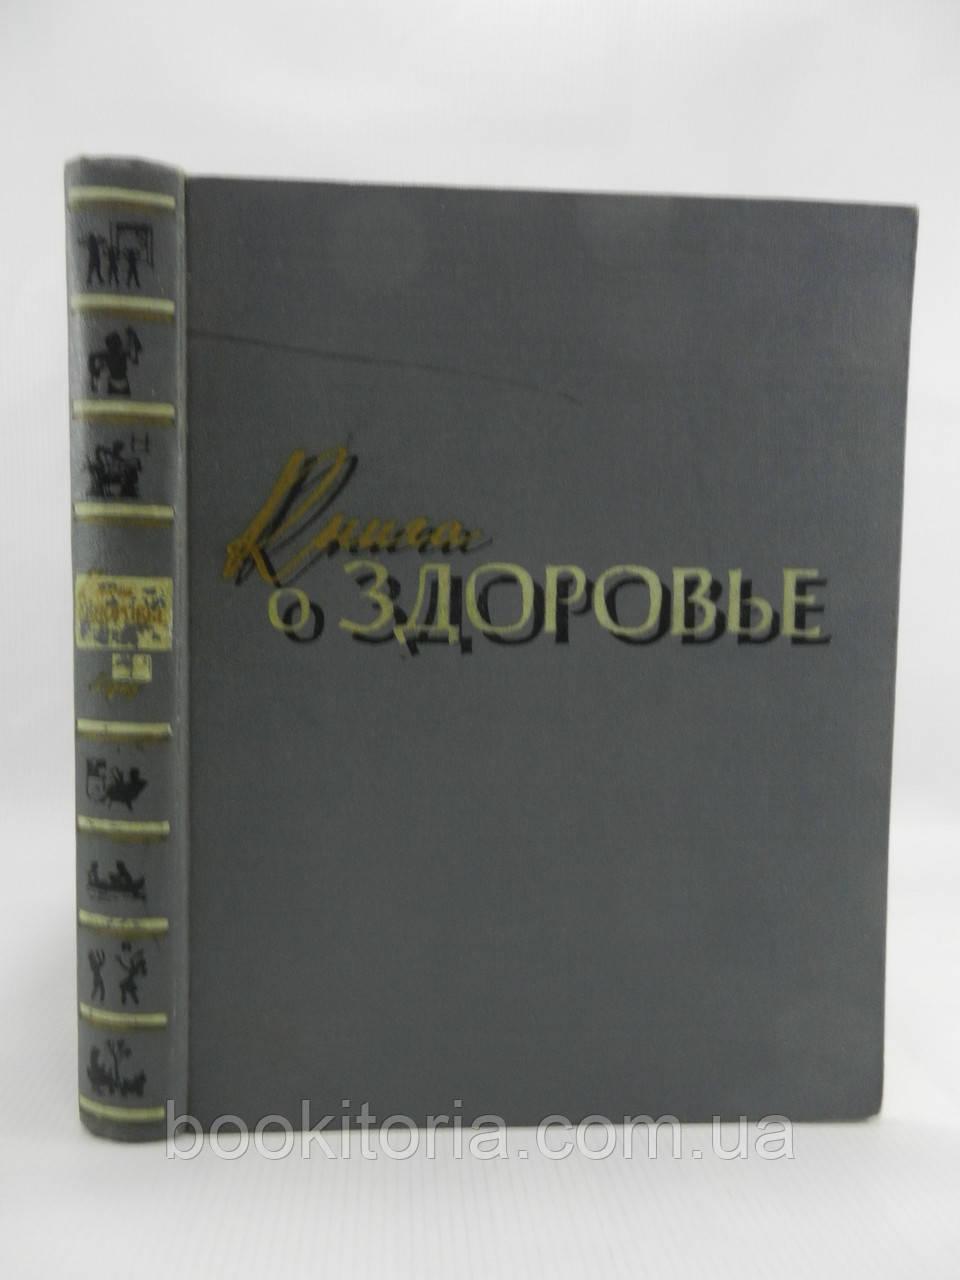 Книга о здоровье (б/у).